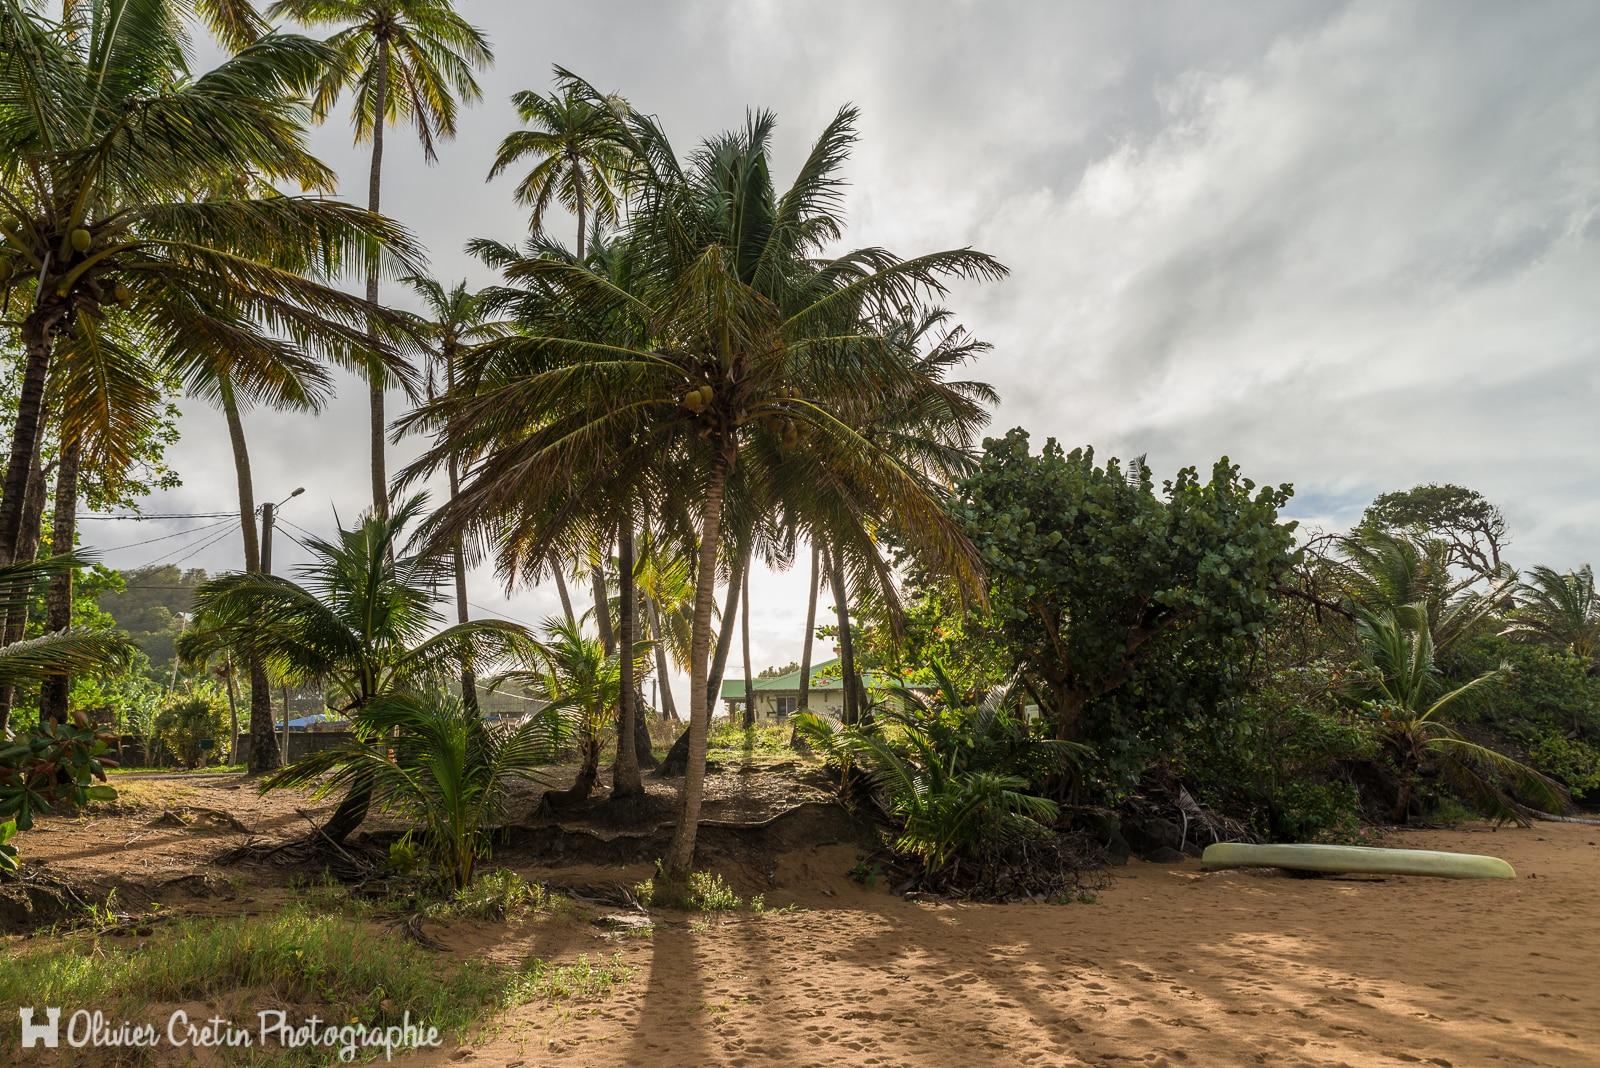 Guadeloupe - Plage de la perle - Oasis de soleil